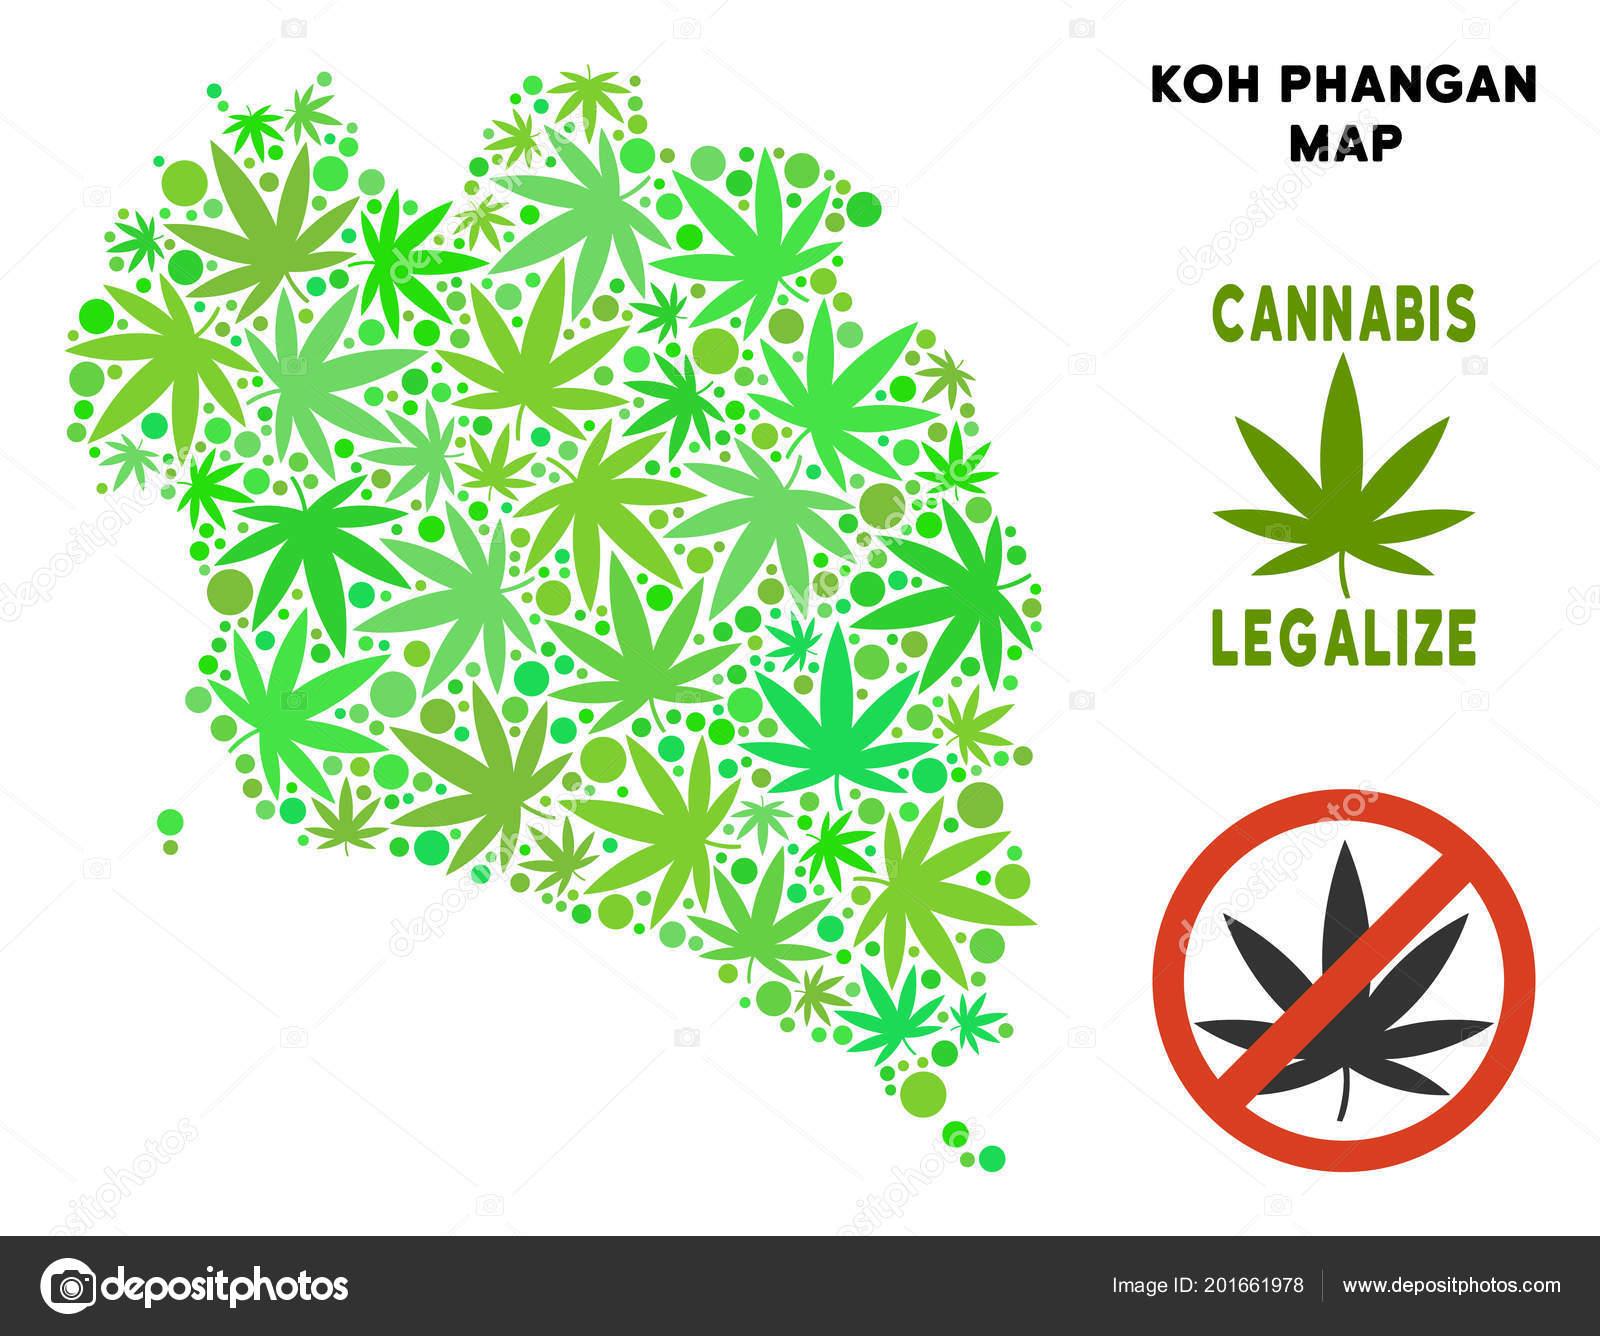 Koh Phangan Thailand Map.Royalty Free Cannabis Leaves Style Koh Phangan Thai Island Map